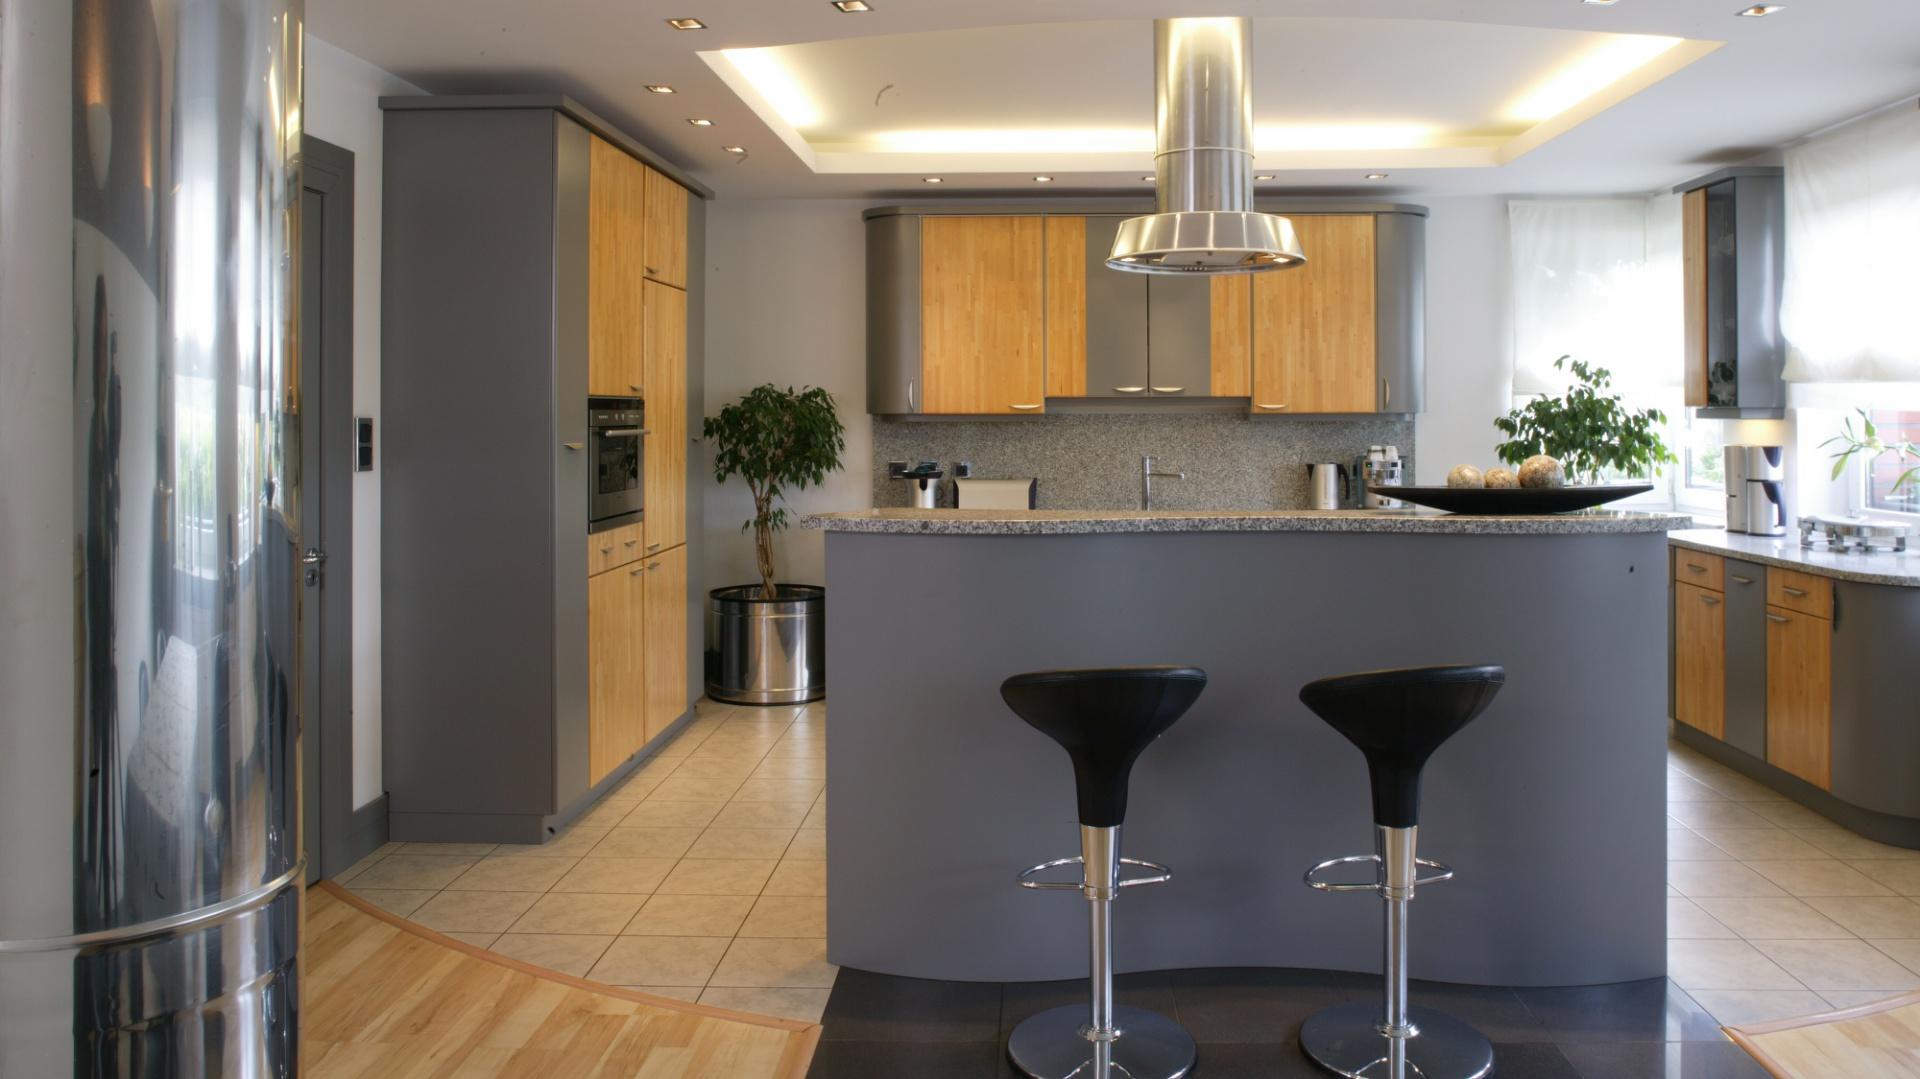 W kuchni centralne miejsce zajmuje wyspa, umownie rozdzielająca dwie strefy funkcjonalne. Umieszczony nad nią obniżony sufit, odpowiednio oświetlony, sprawia, że pomieszczenie optycznie wydaje się wyższe. Fot. Monika Filipiuk.